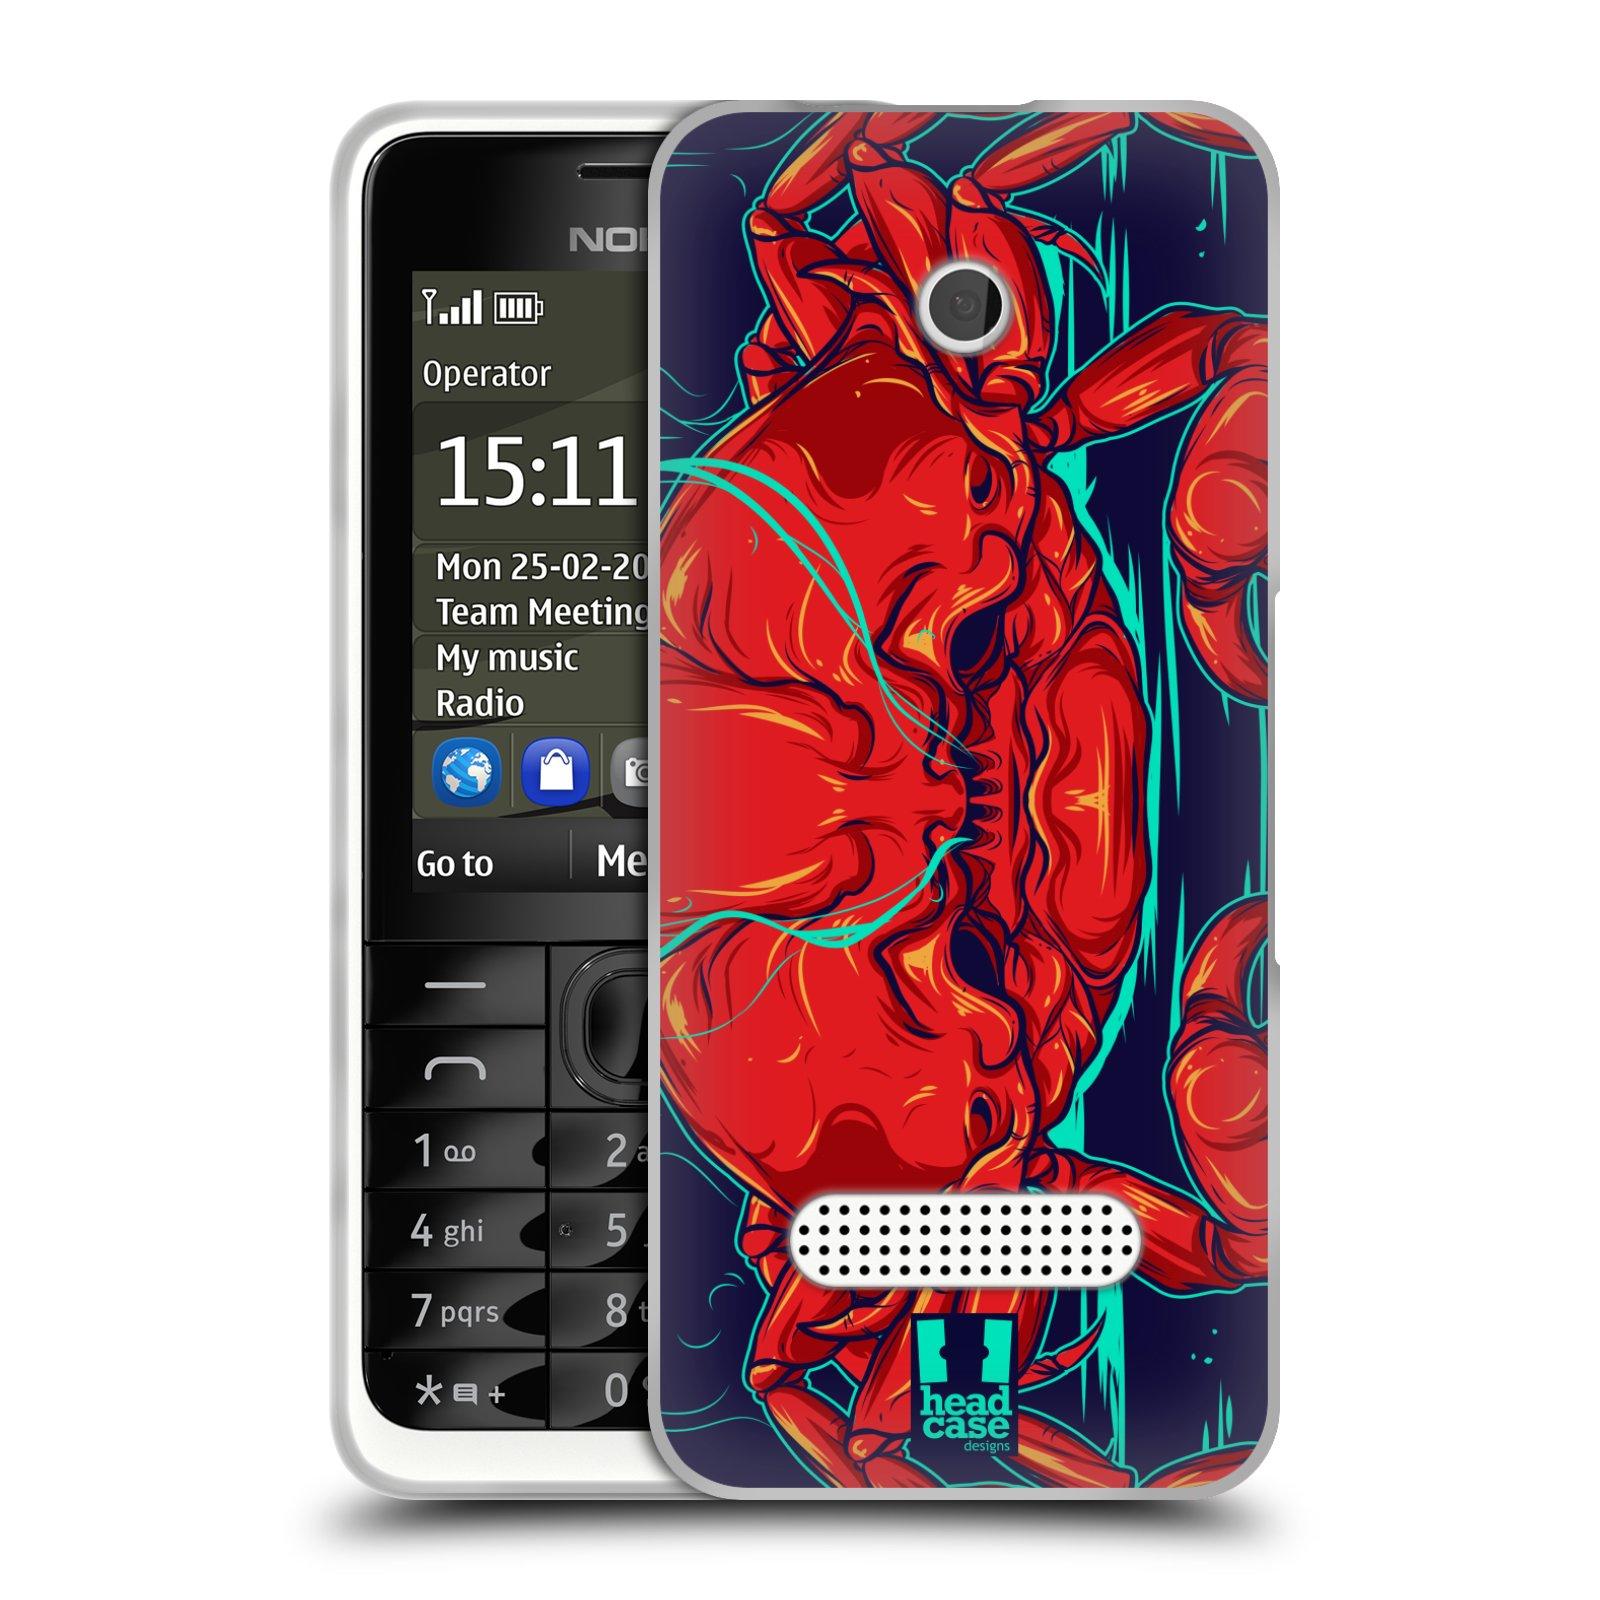 HEAD CASE silikonový obal na mobil NOKIA 301 vzor mořská monstra krab